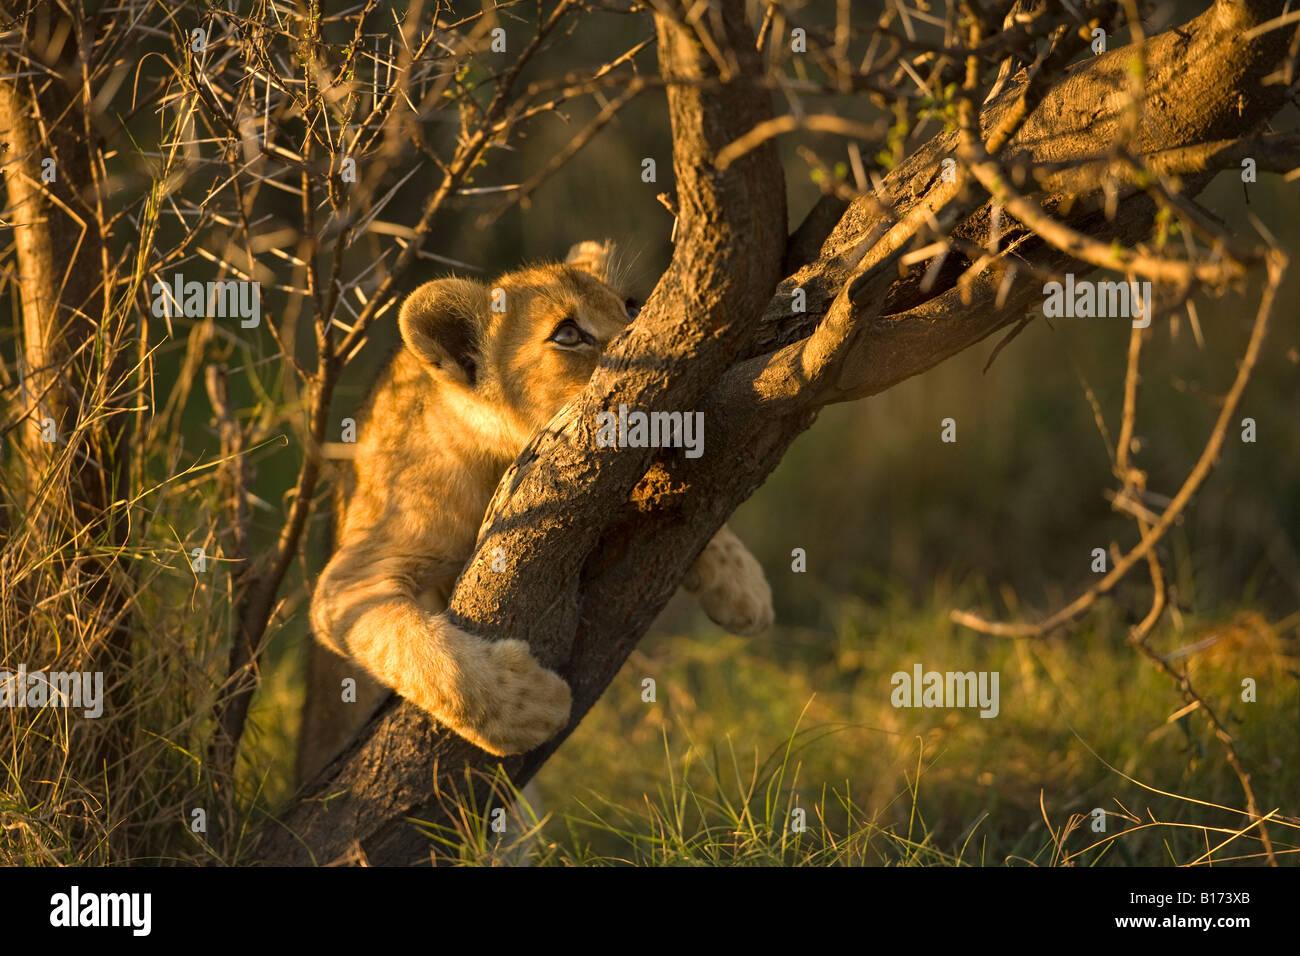 Cachorro de león, Panthera leo, lindo bebé travieso jugando en Acacia en el Delta del Okavango, Botswana Foto de stock